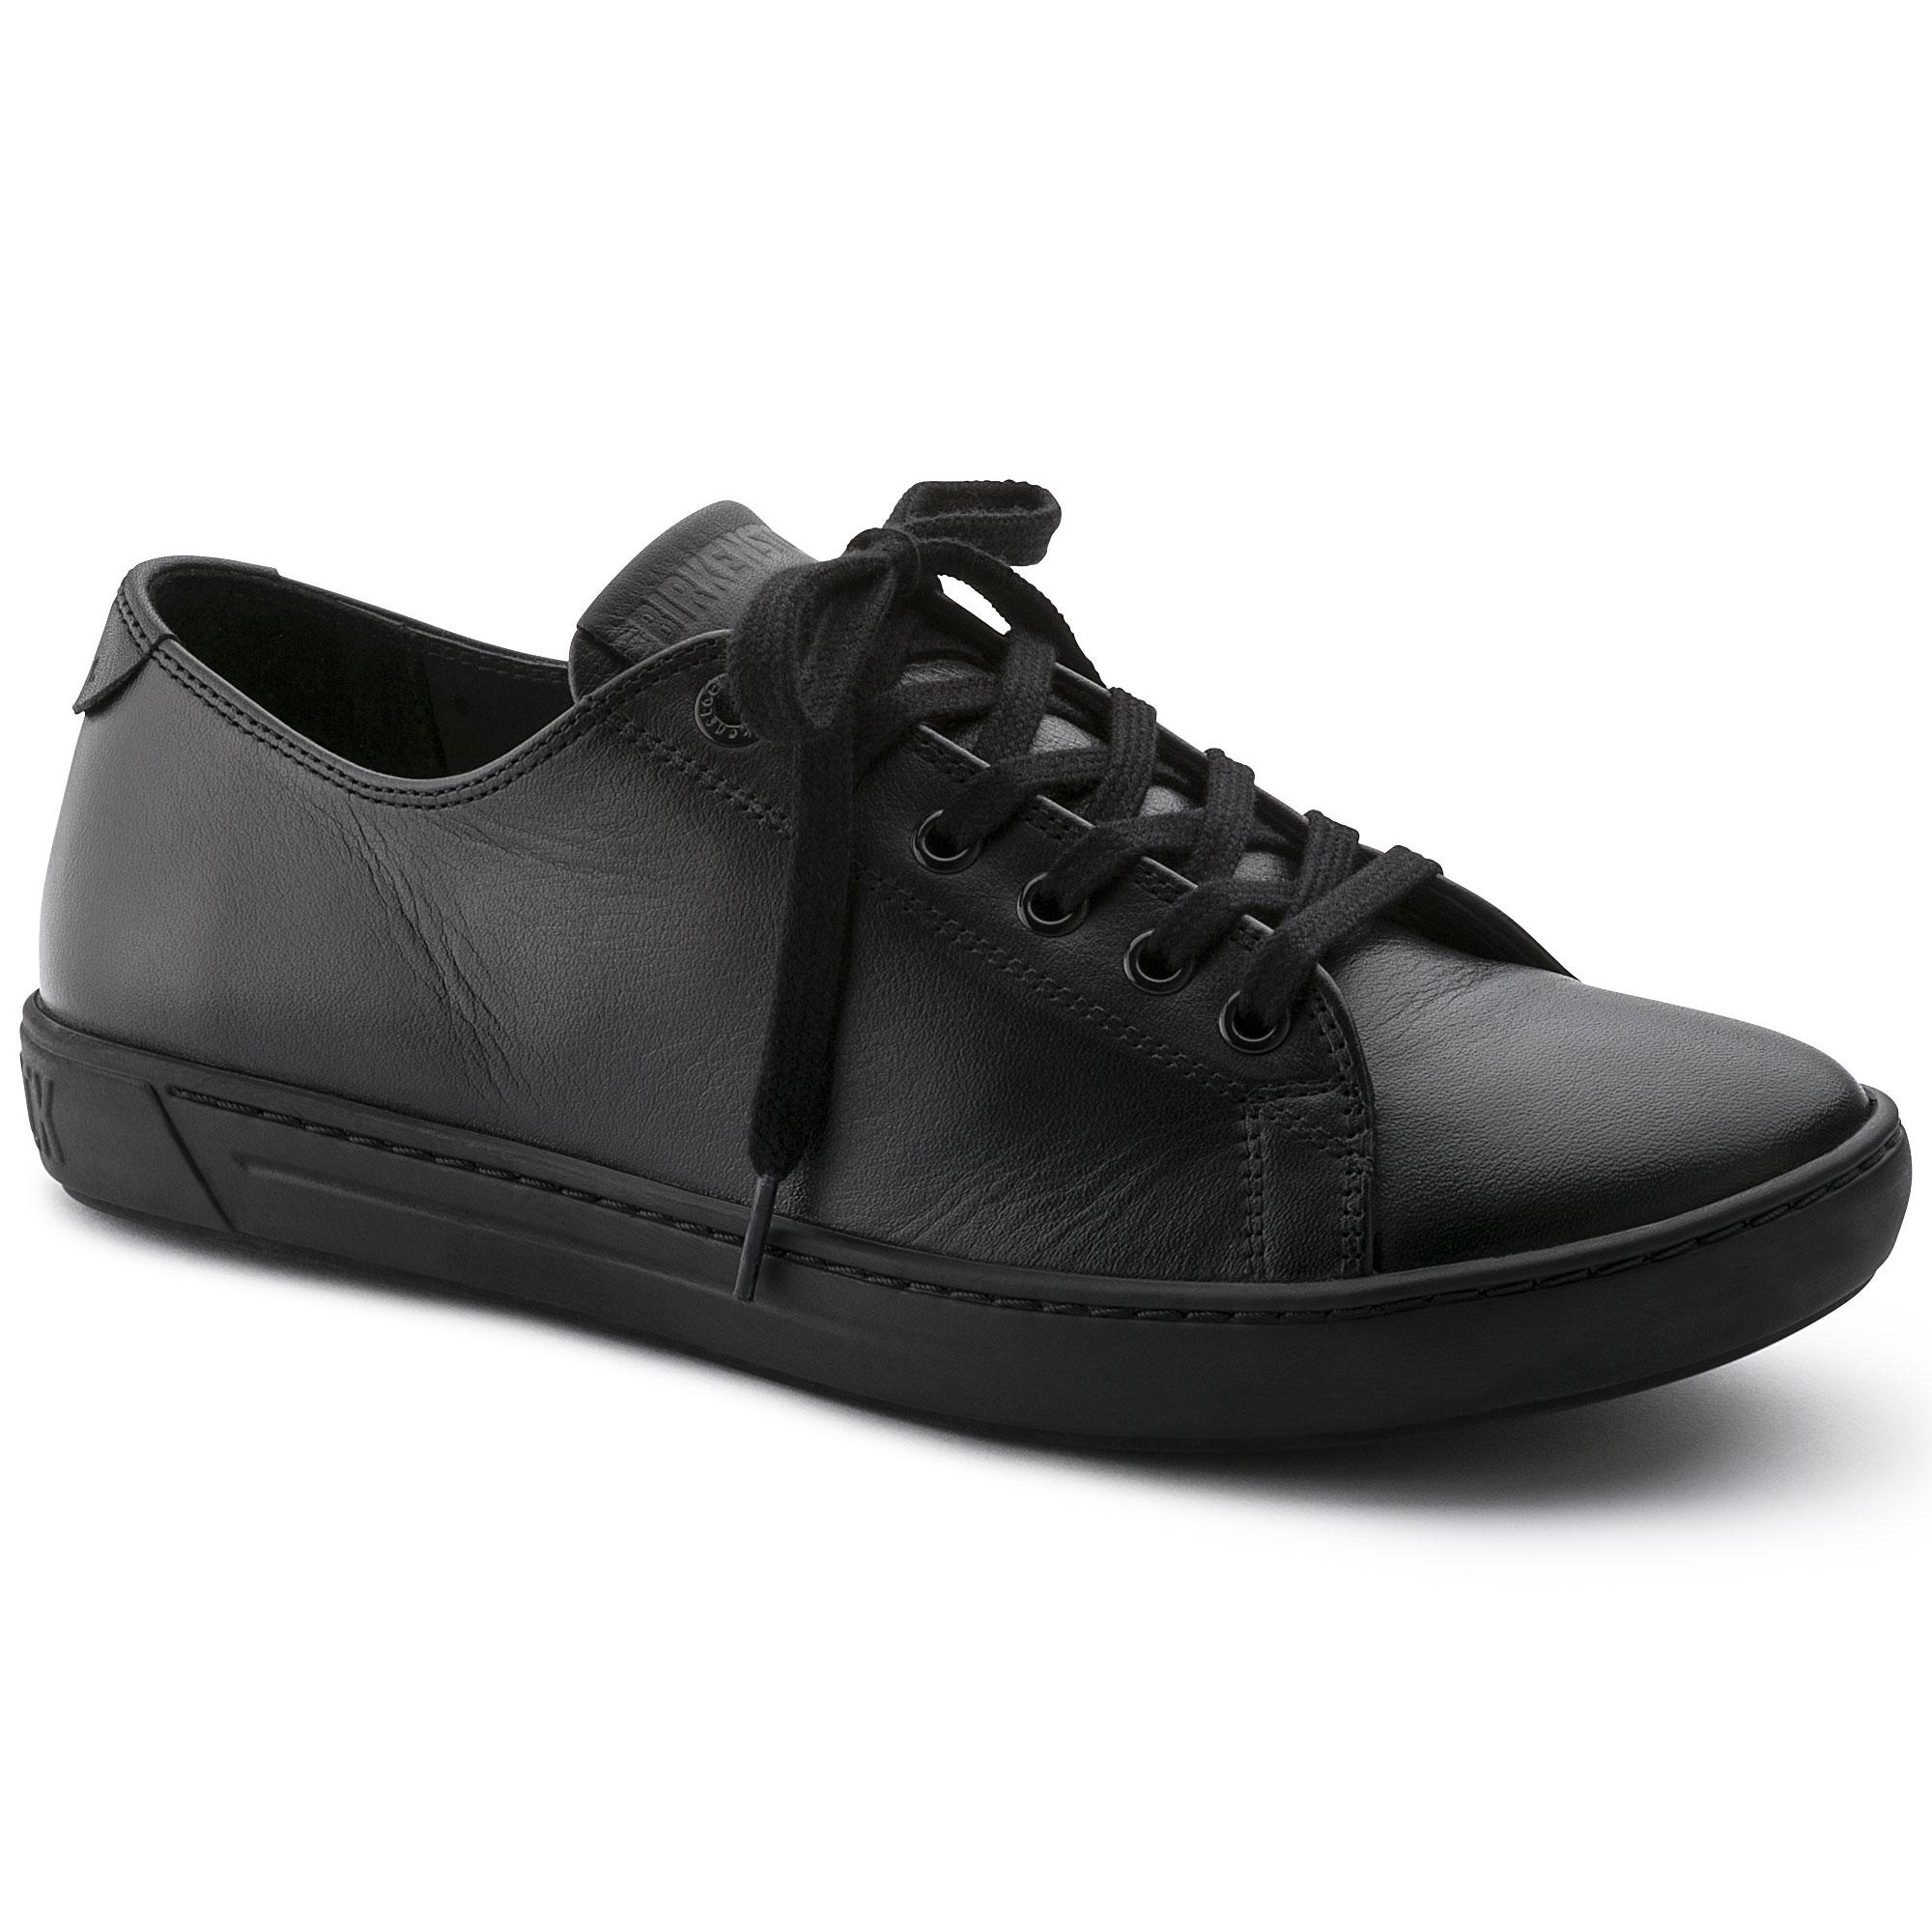 e42ff68f1f32 Arran Natural Leather Black